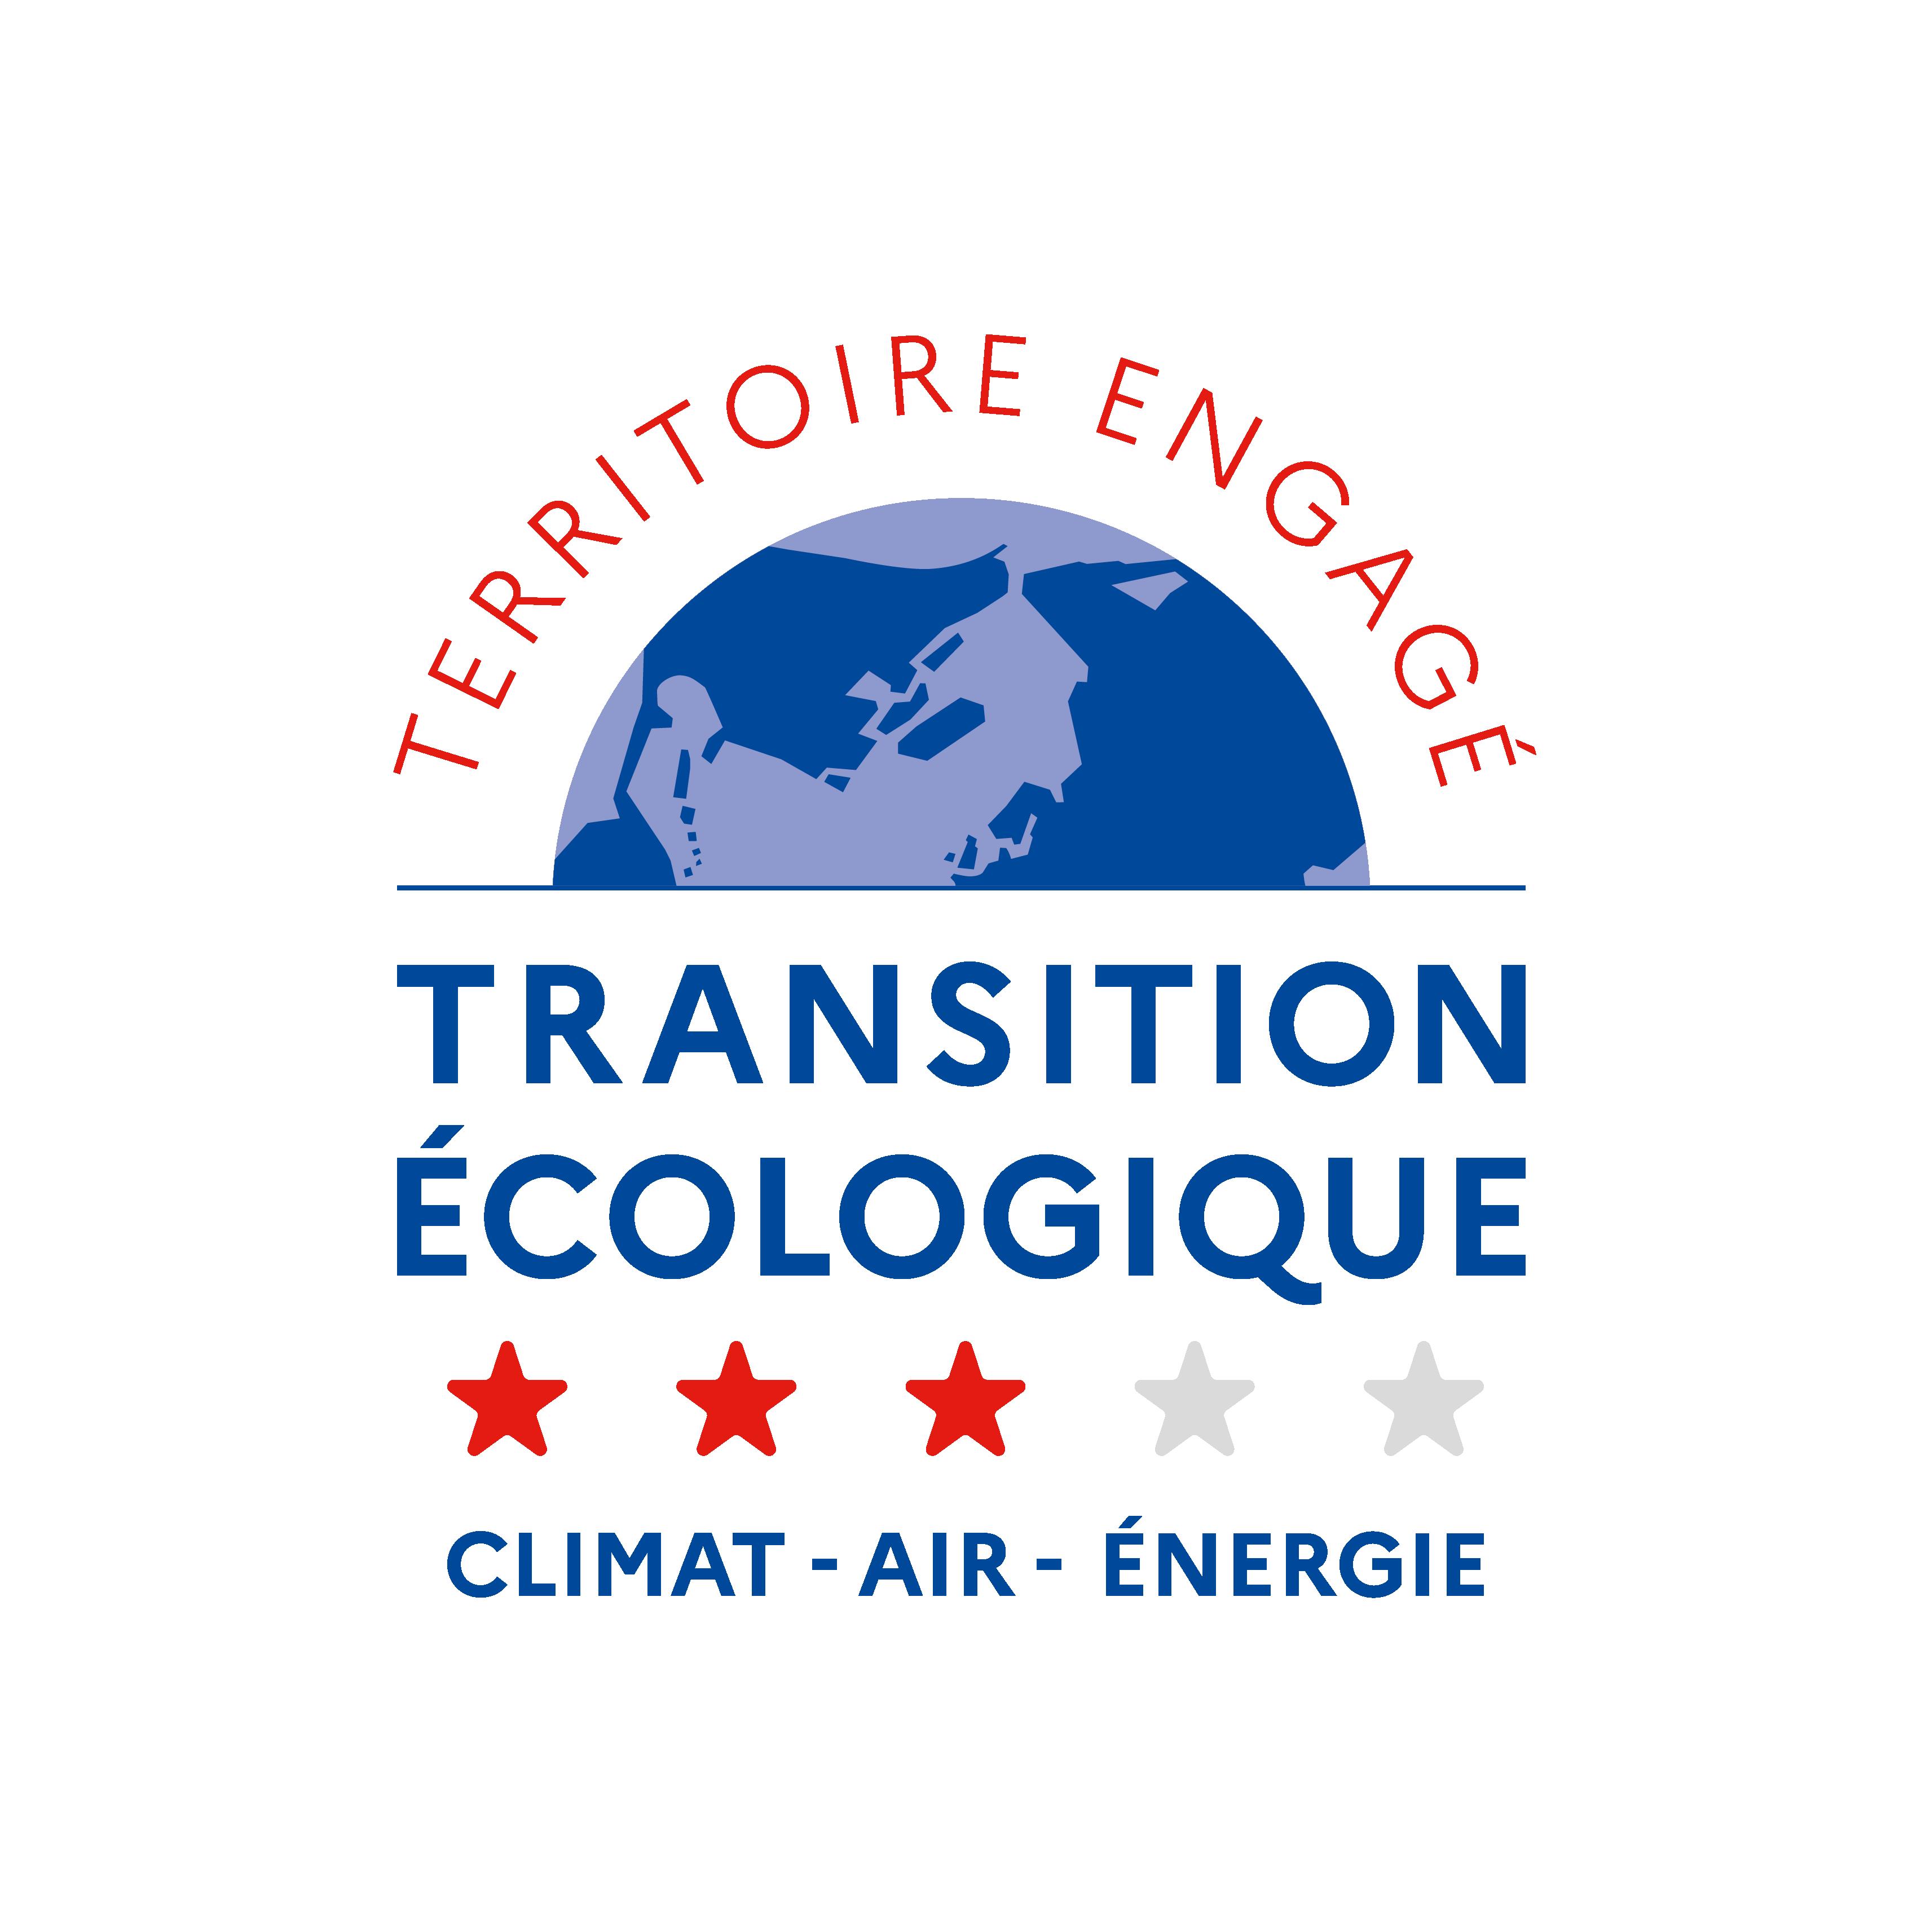 Logo TERRITOIRE ENGAGE TRANSITION ECOLOGIQUE : label CLIMAT AIR ENERGIE 3 étoiles